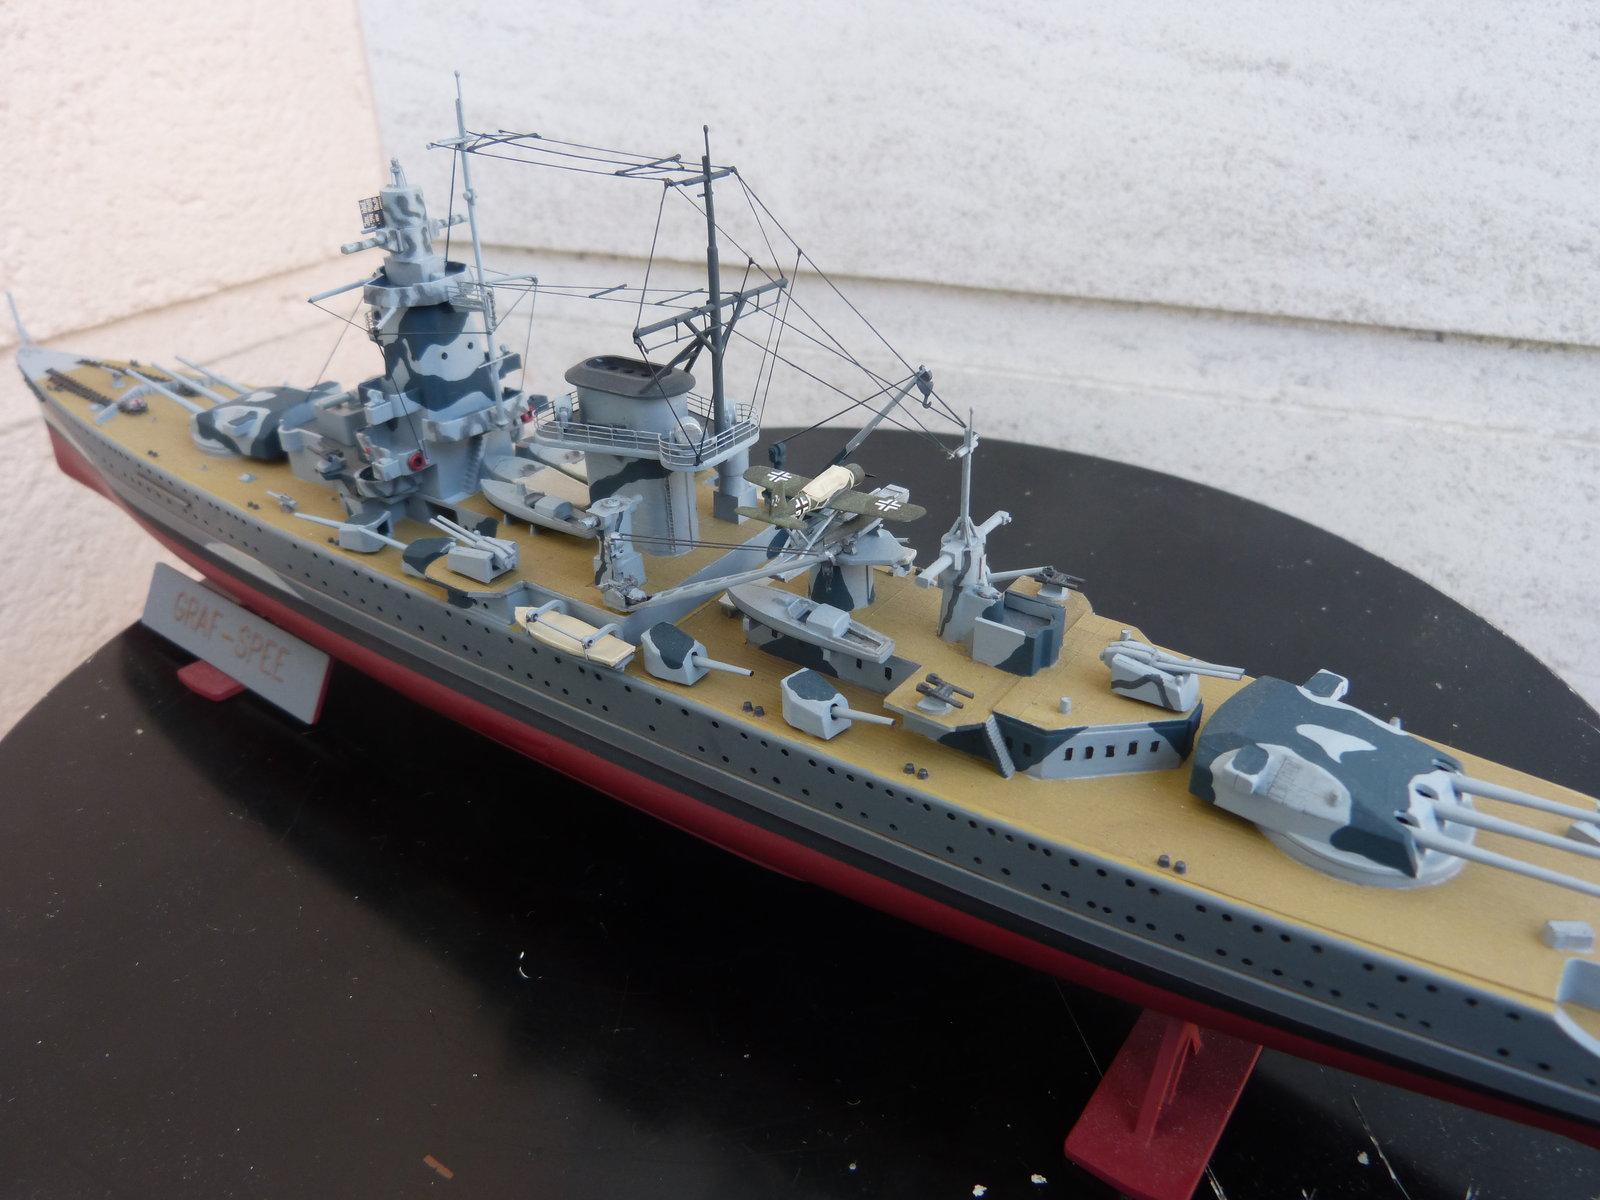 Croiseur lourd ADMIRAL GRAF SPEE Rio de La Plata 1939... Réf 81046 - Page 2 201201114653158676